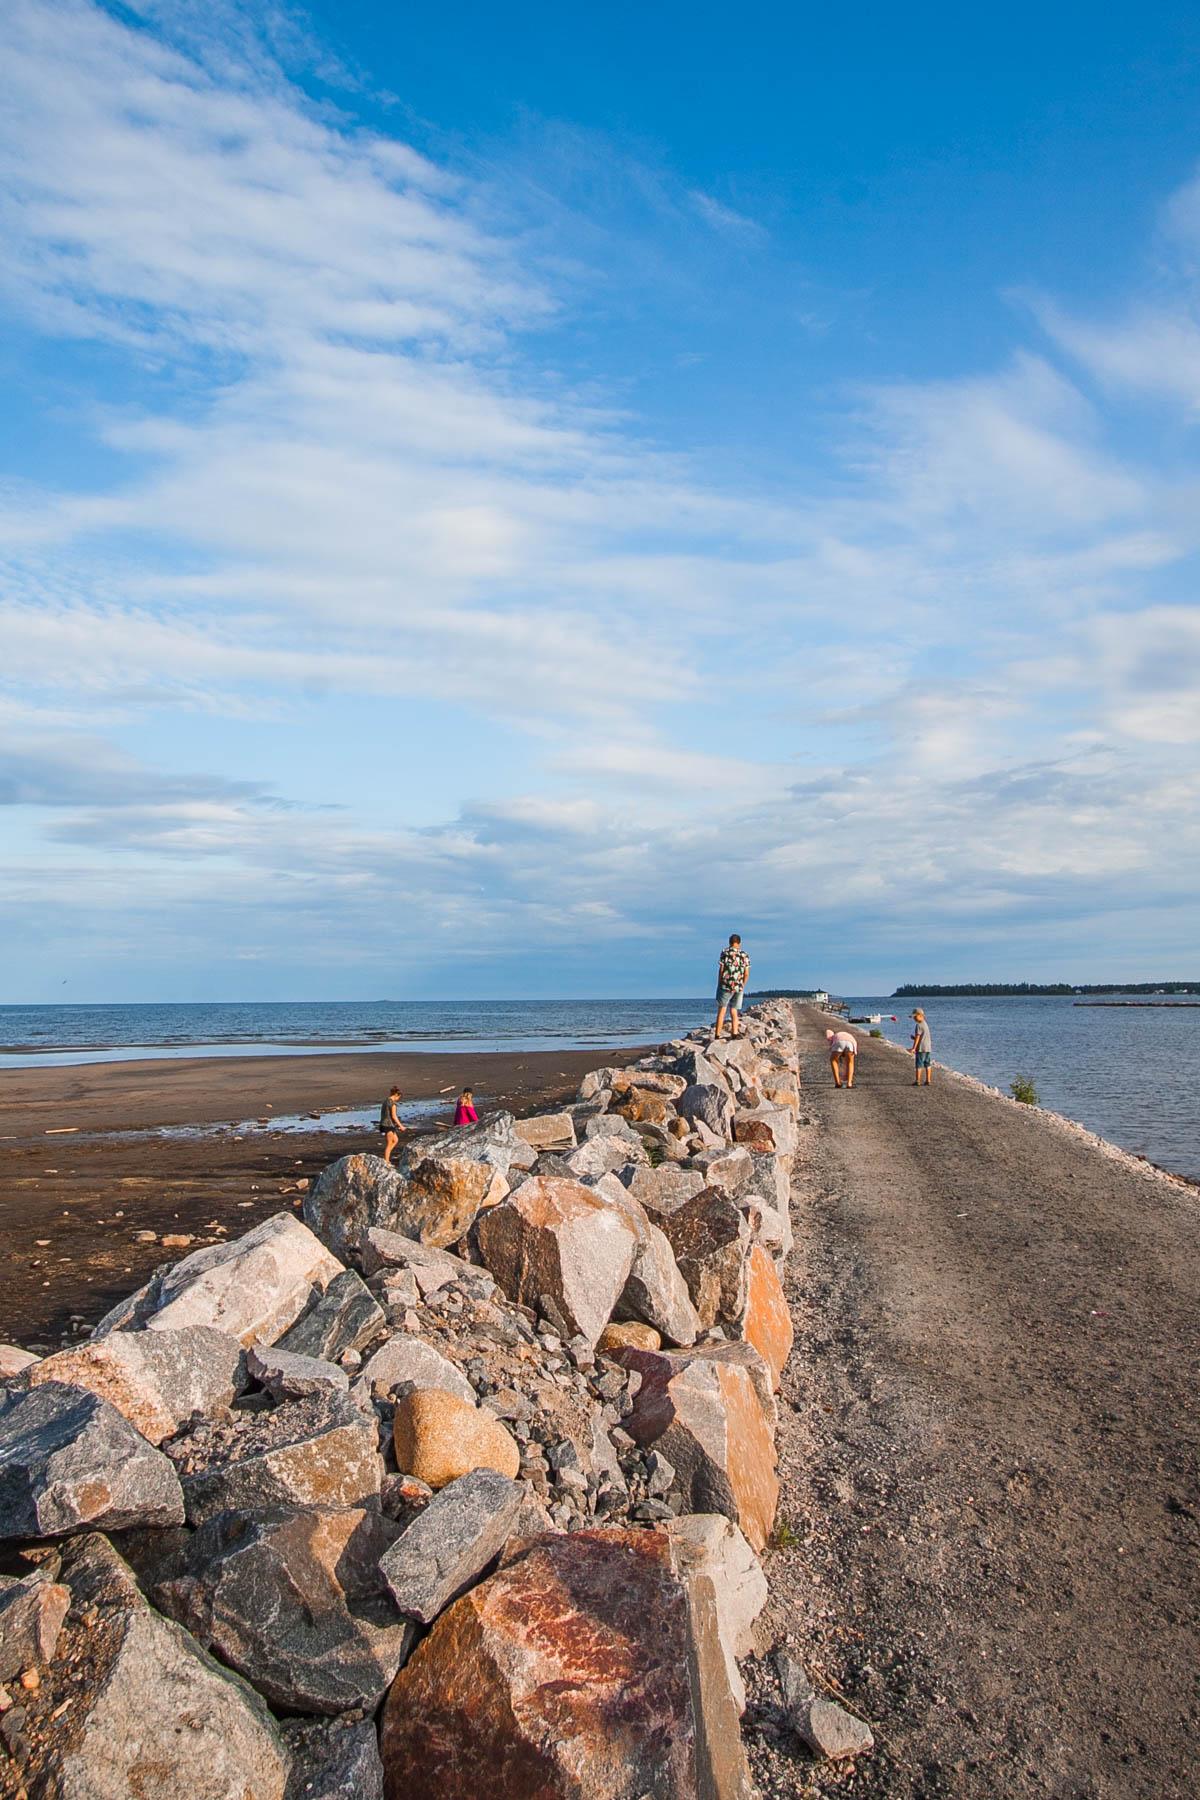 szwecja byske plaża